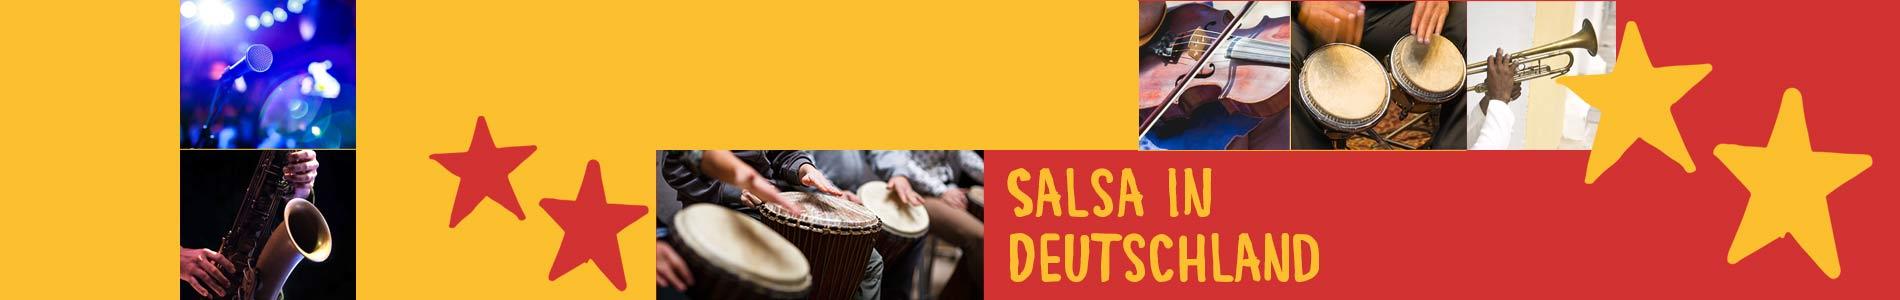 Salsa in Broderstorf – Salsa lernen und tanzen, Tanzkurse, Partys, Veranstaltungen